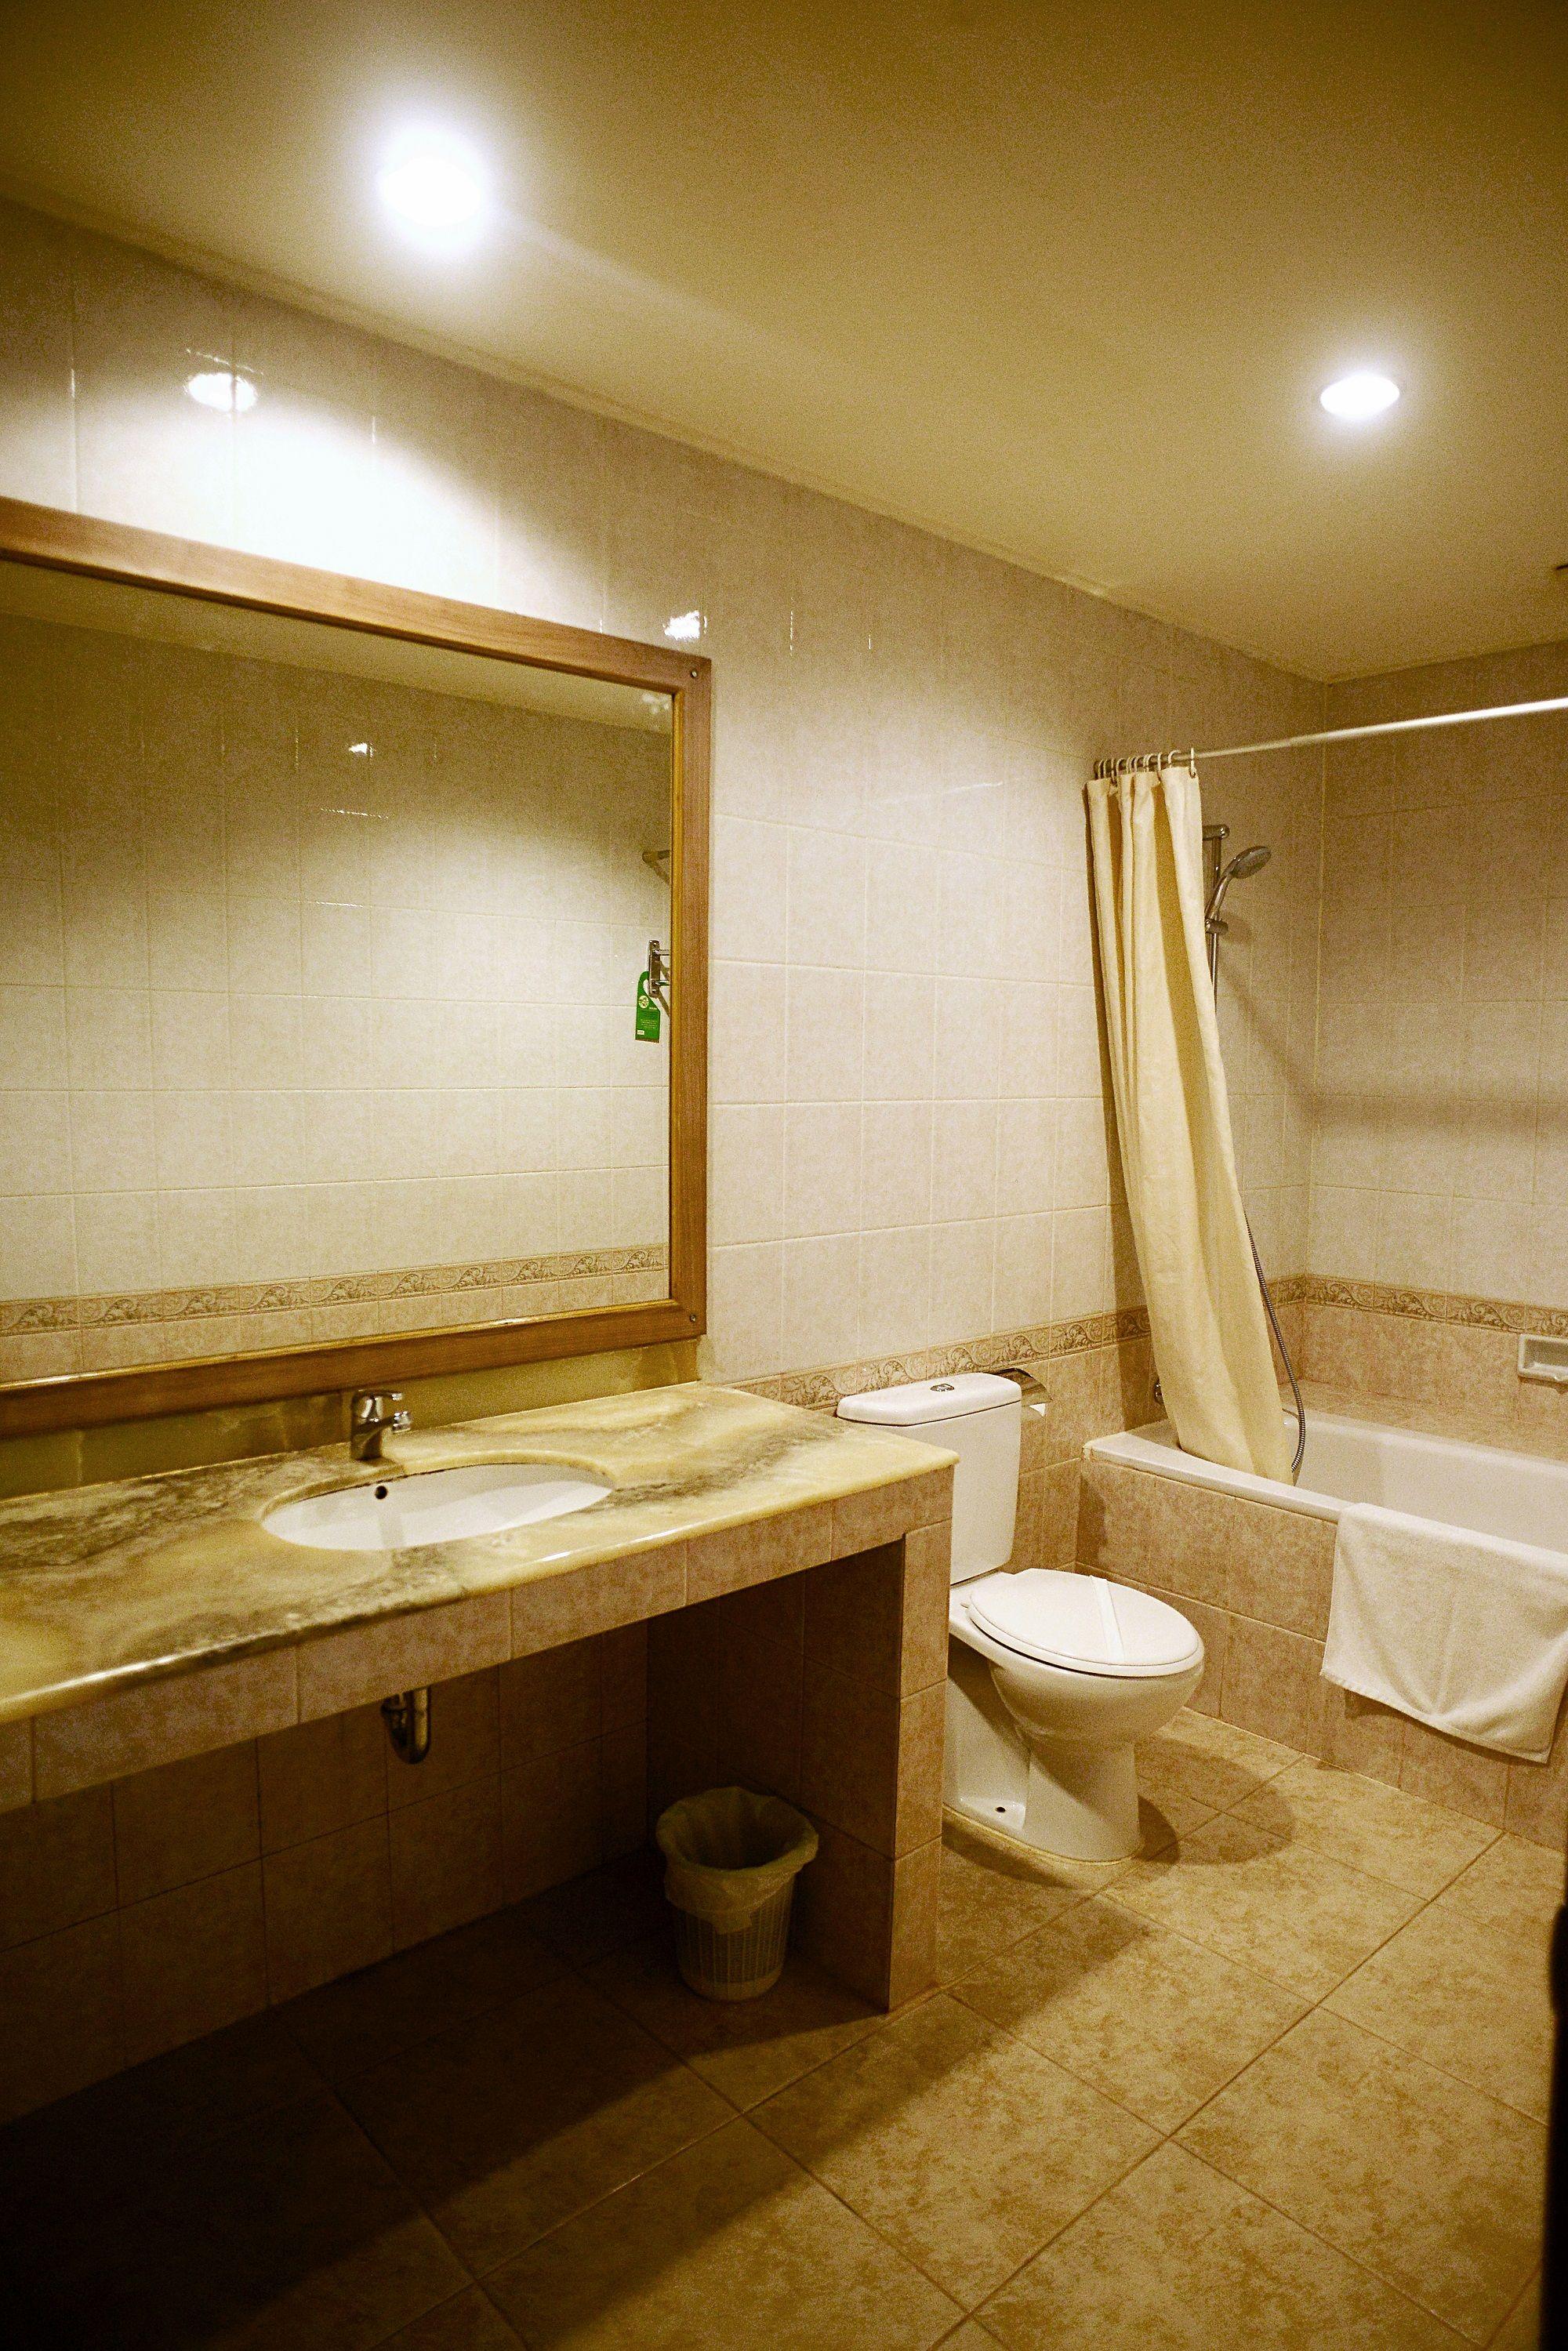 Hotel Anugerah Palembang, Palembang